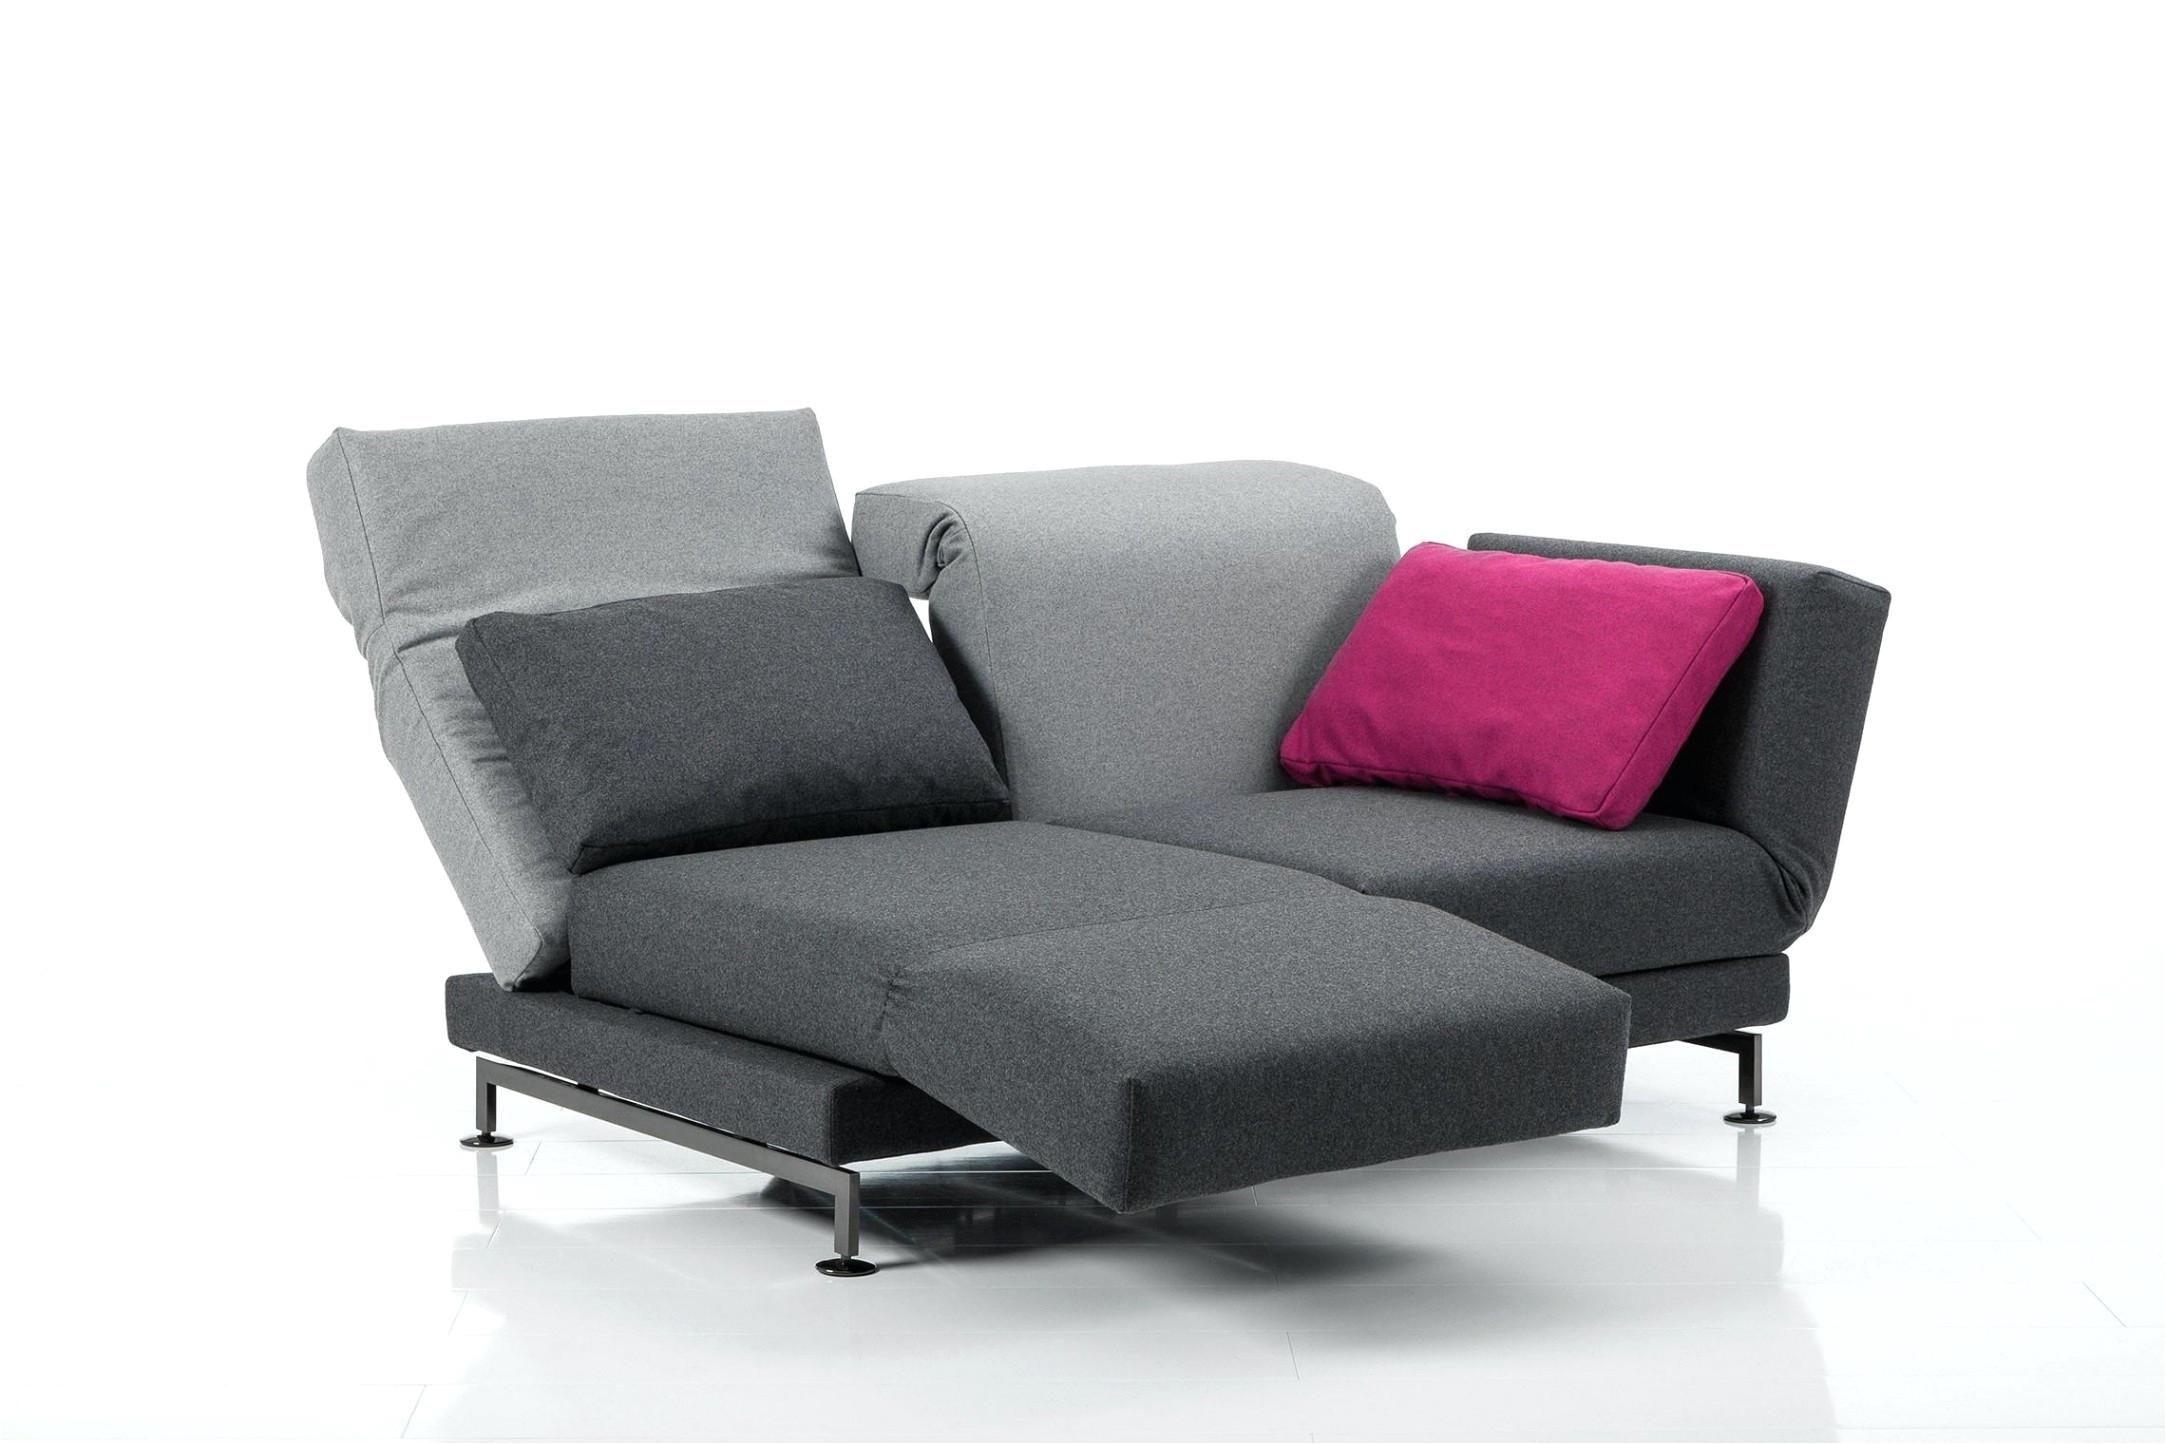 karlstad schlafsofa frisch uncategorized sofa karlstad mit luxus 50 inspirational ikea foto of karlstad schlafsofa frisch